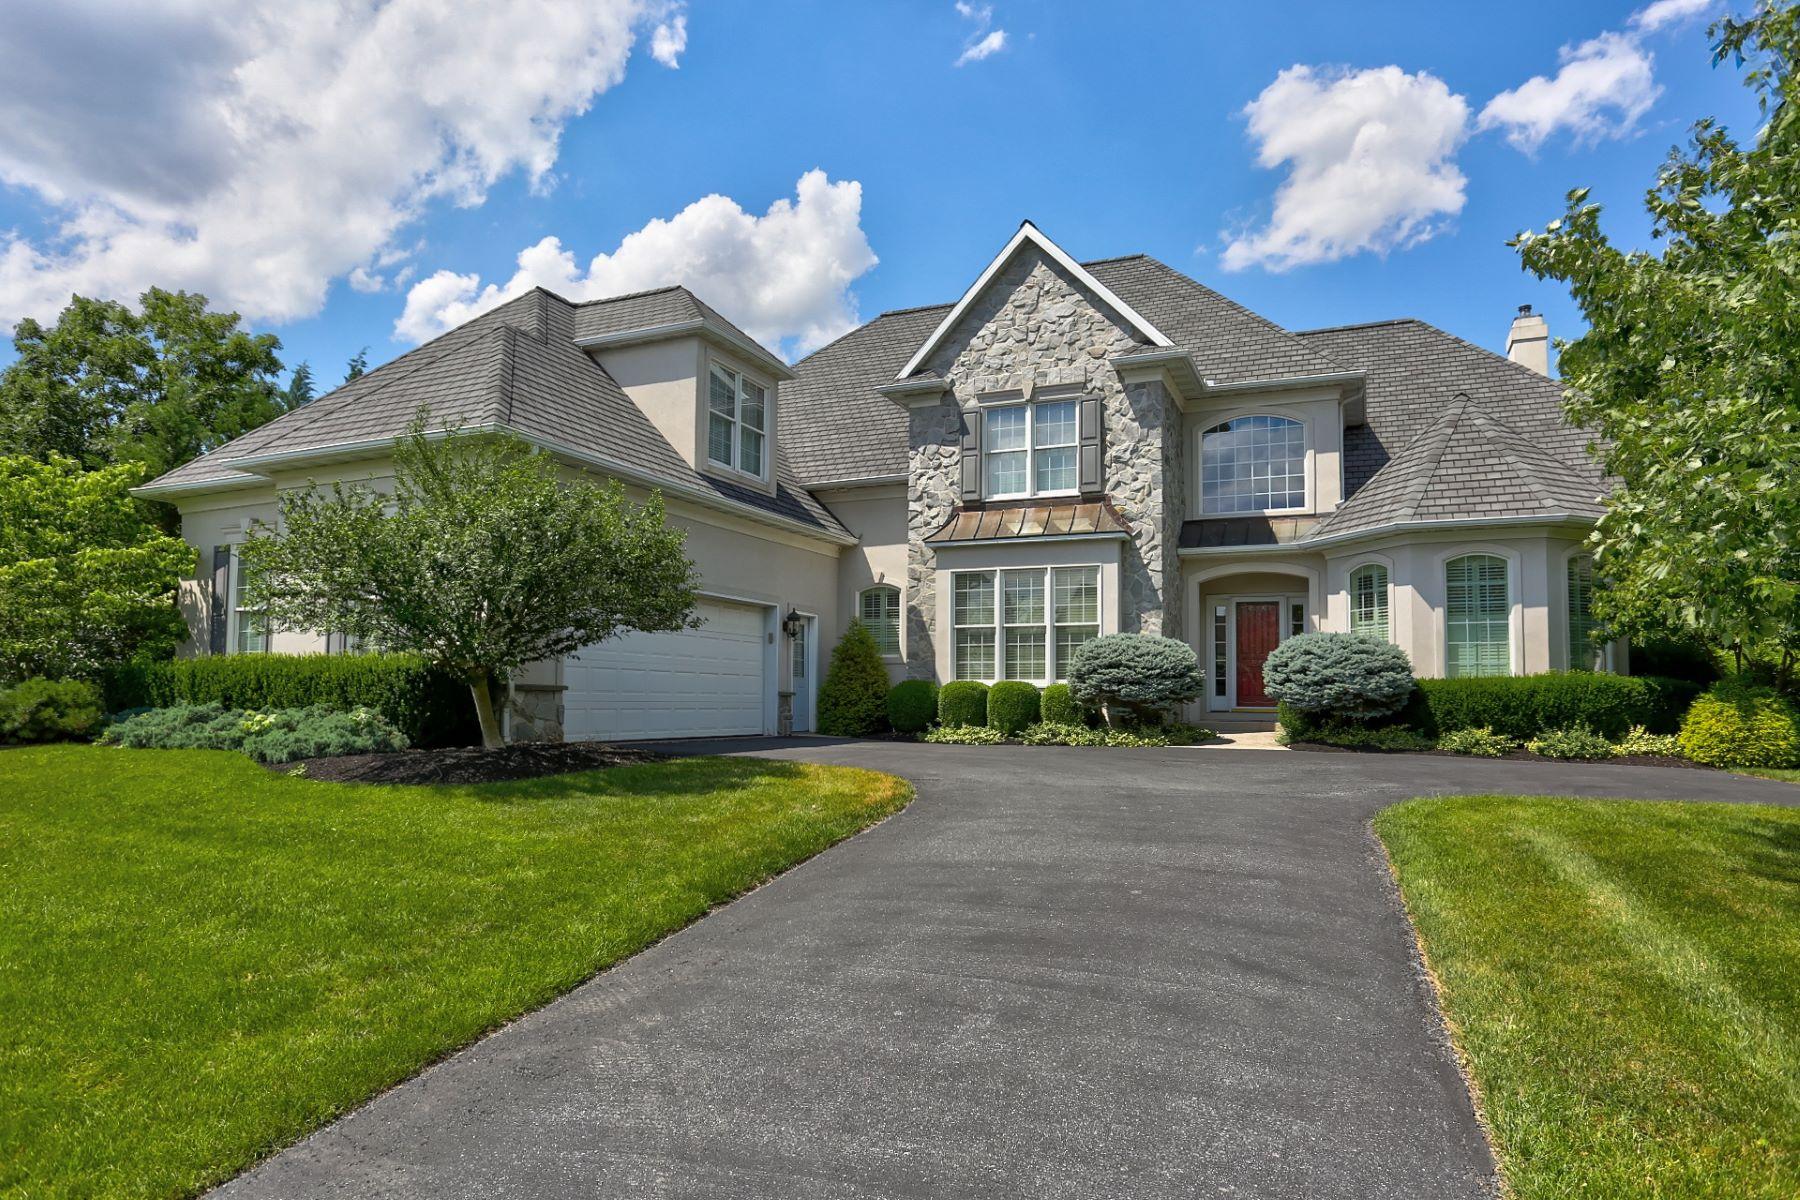 Частный односемейный дом для того Продажа на 663 Goose Neck Dr. Lancaster, 17543 Соединенные Штаты